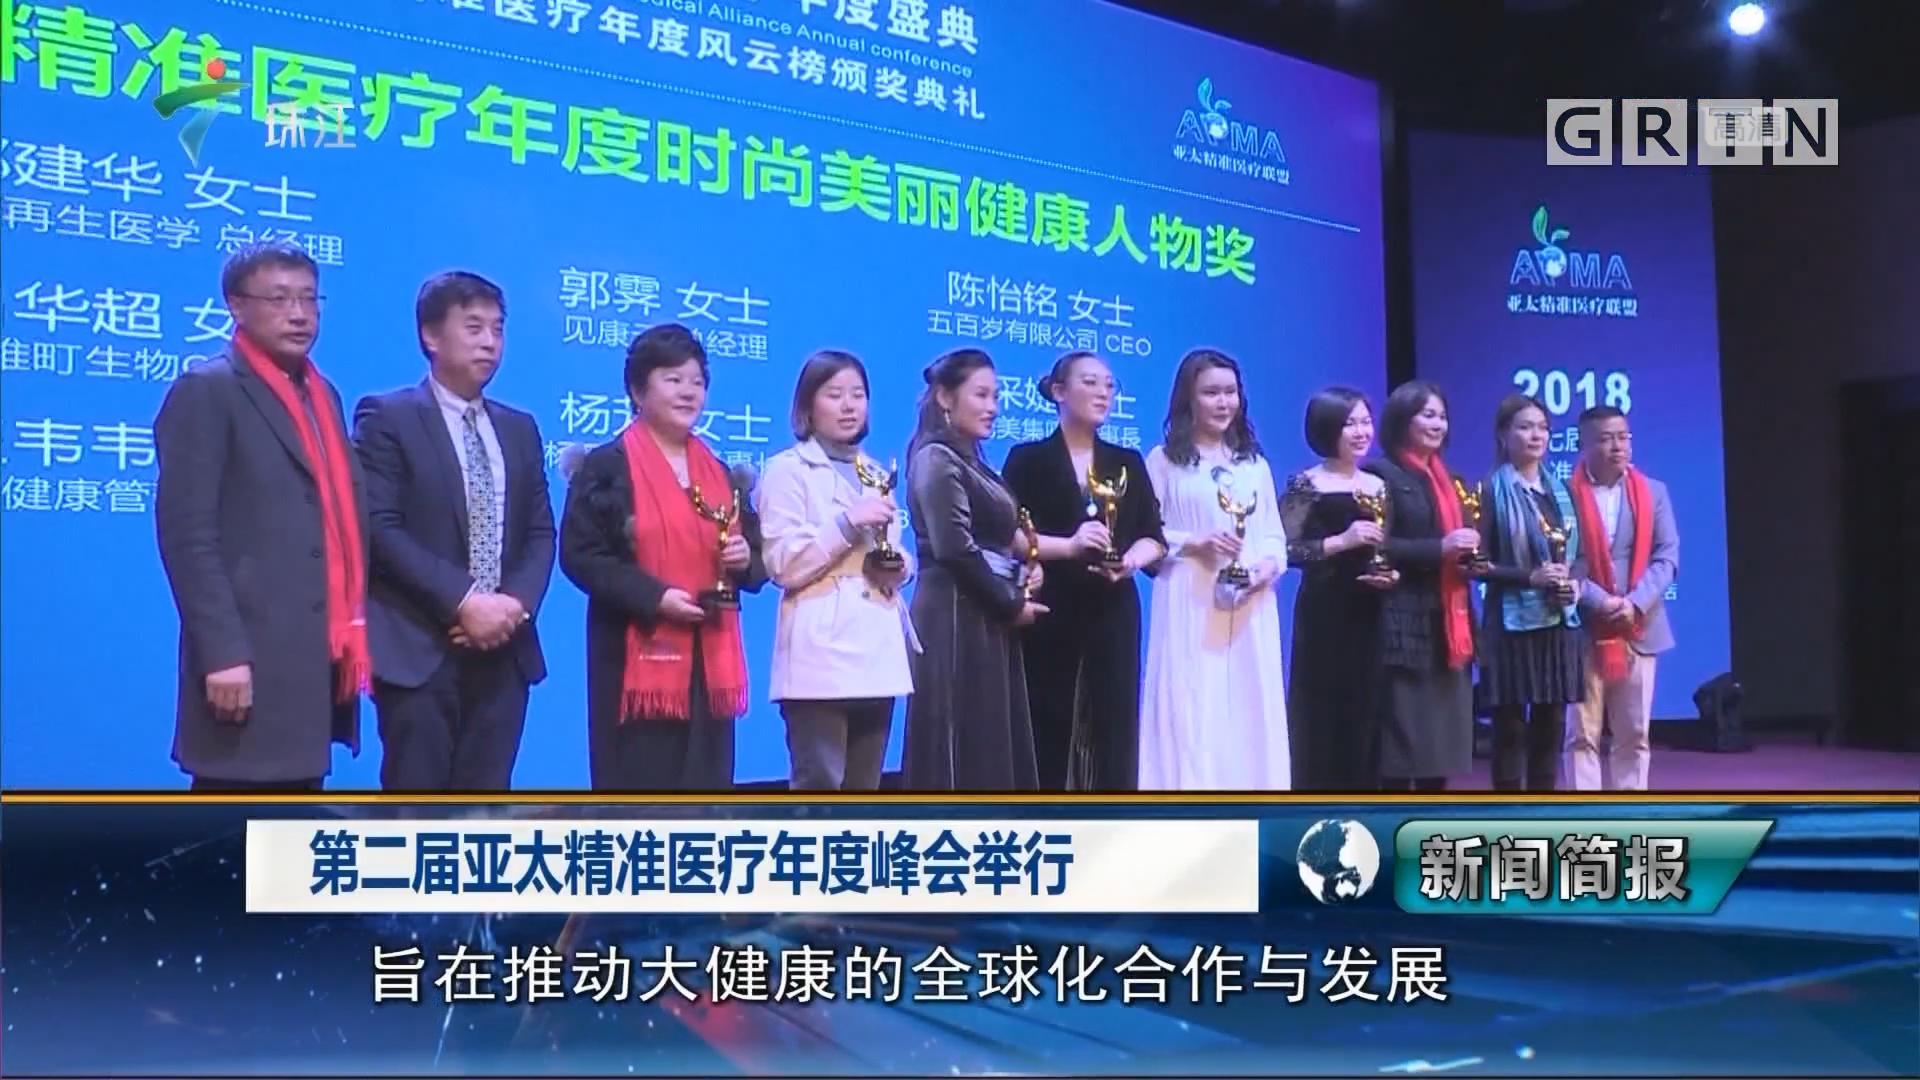 第二届亚太精准医疗年度峰会举行